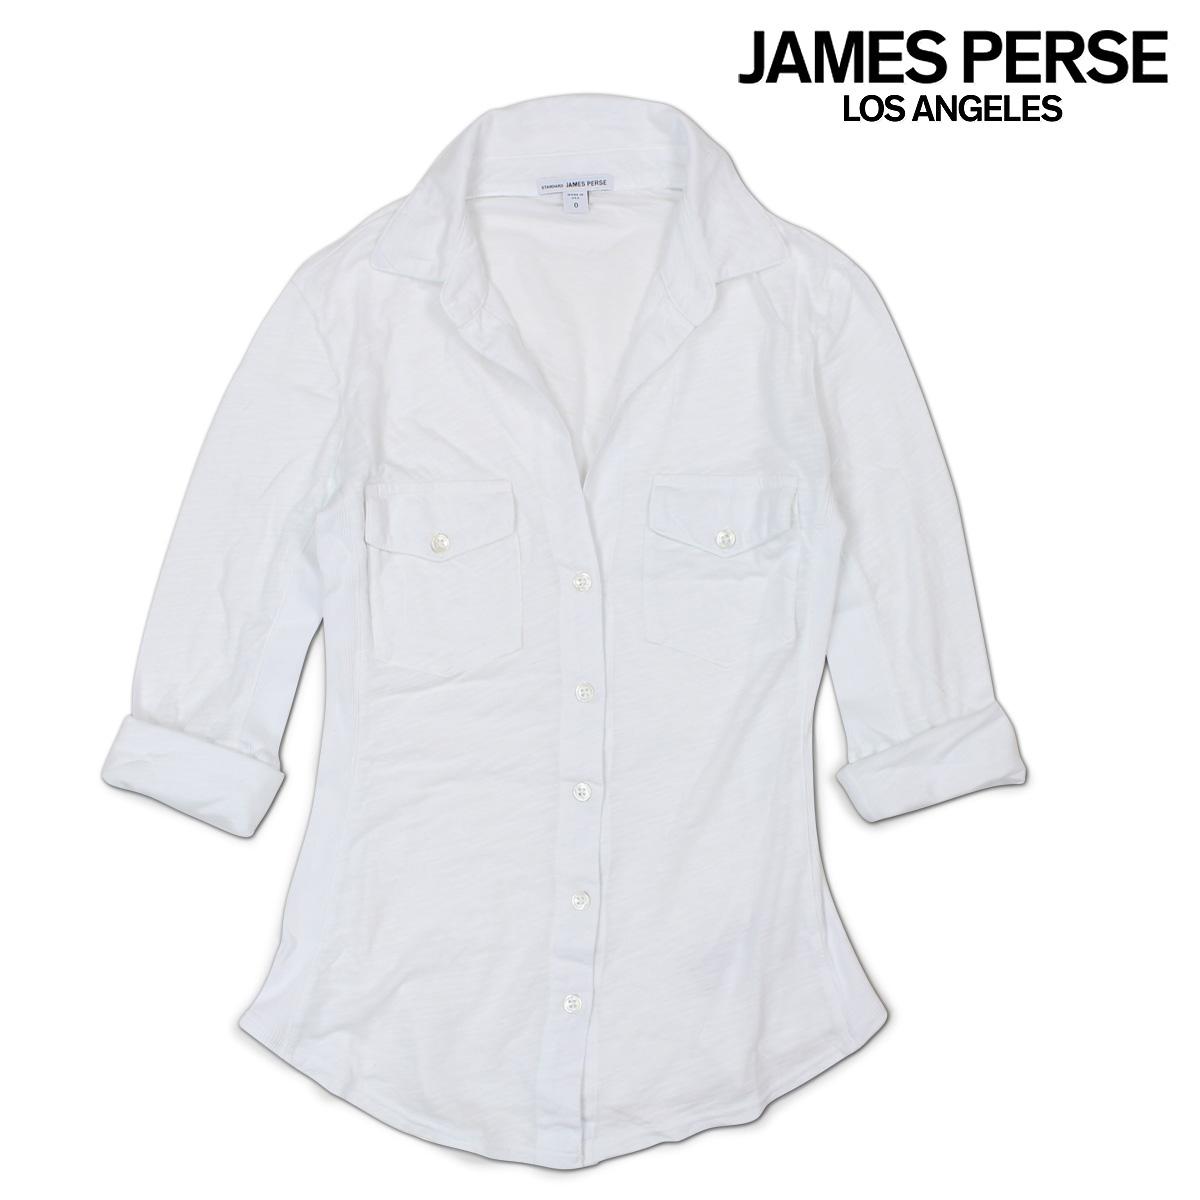 ジェームスパース シャツ JAMES PERSE レディース トップス ブラウス CONTRAST PANEL SHIRT 【決算セール 返品不可】